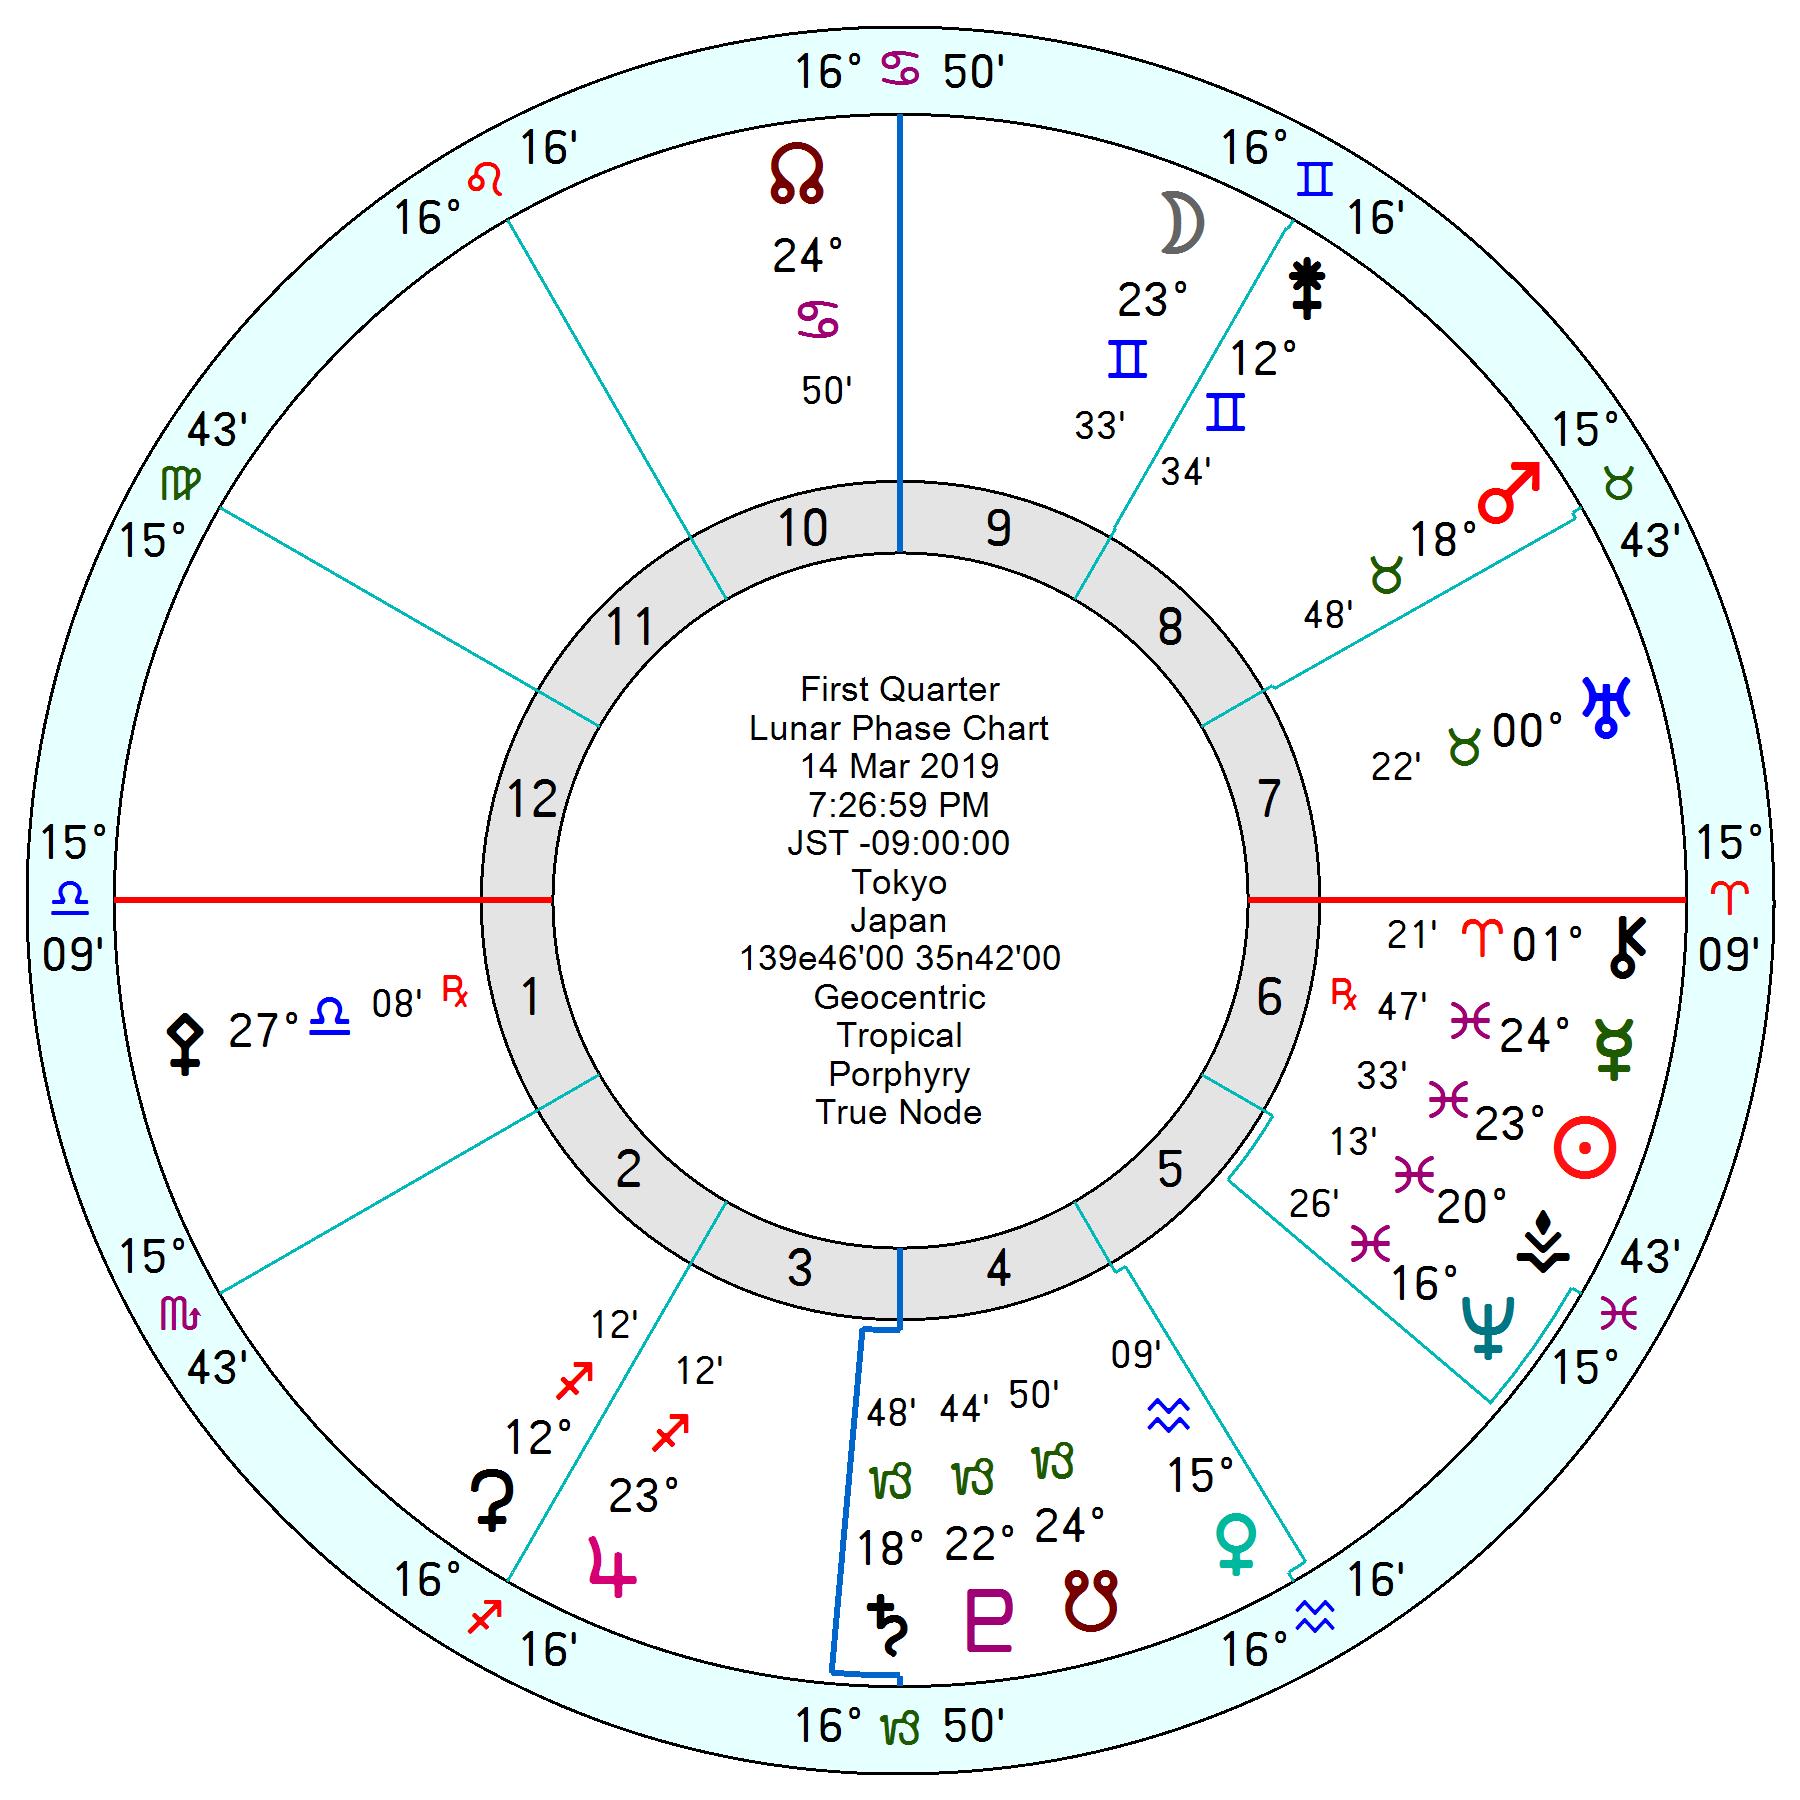 2019年3月14日双子座上弦の月ホロスコープ